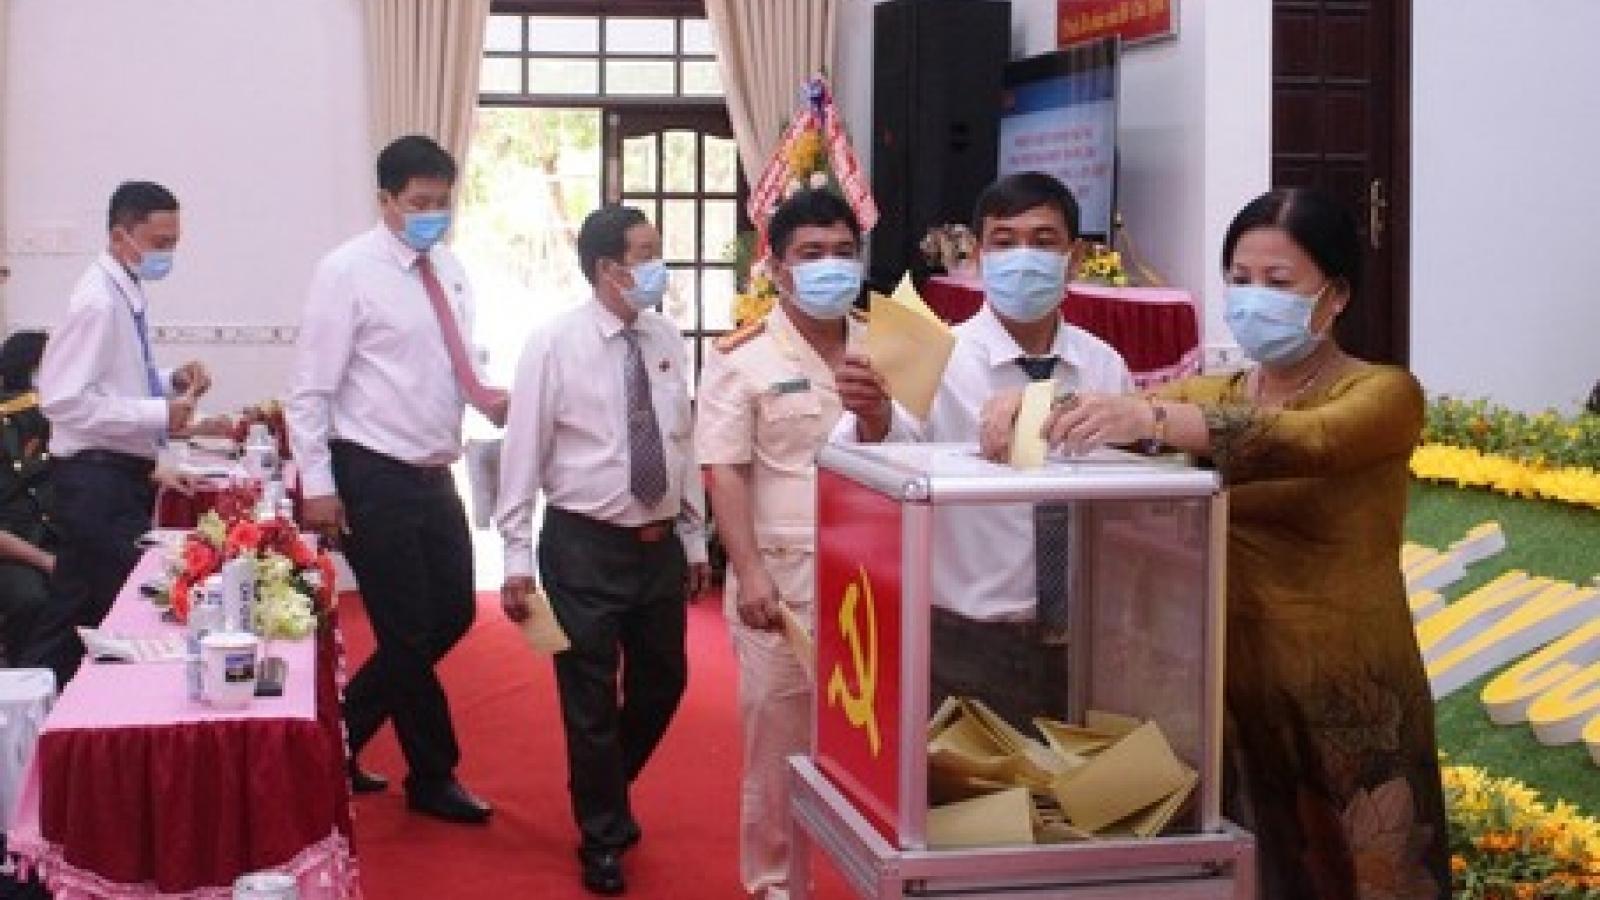 Ông Hồ Văn Huân tái đắc cử Bí thư Thành ủy Vĩnh Long